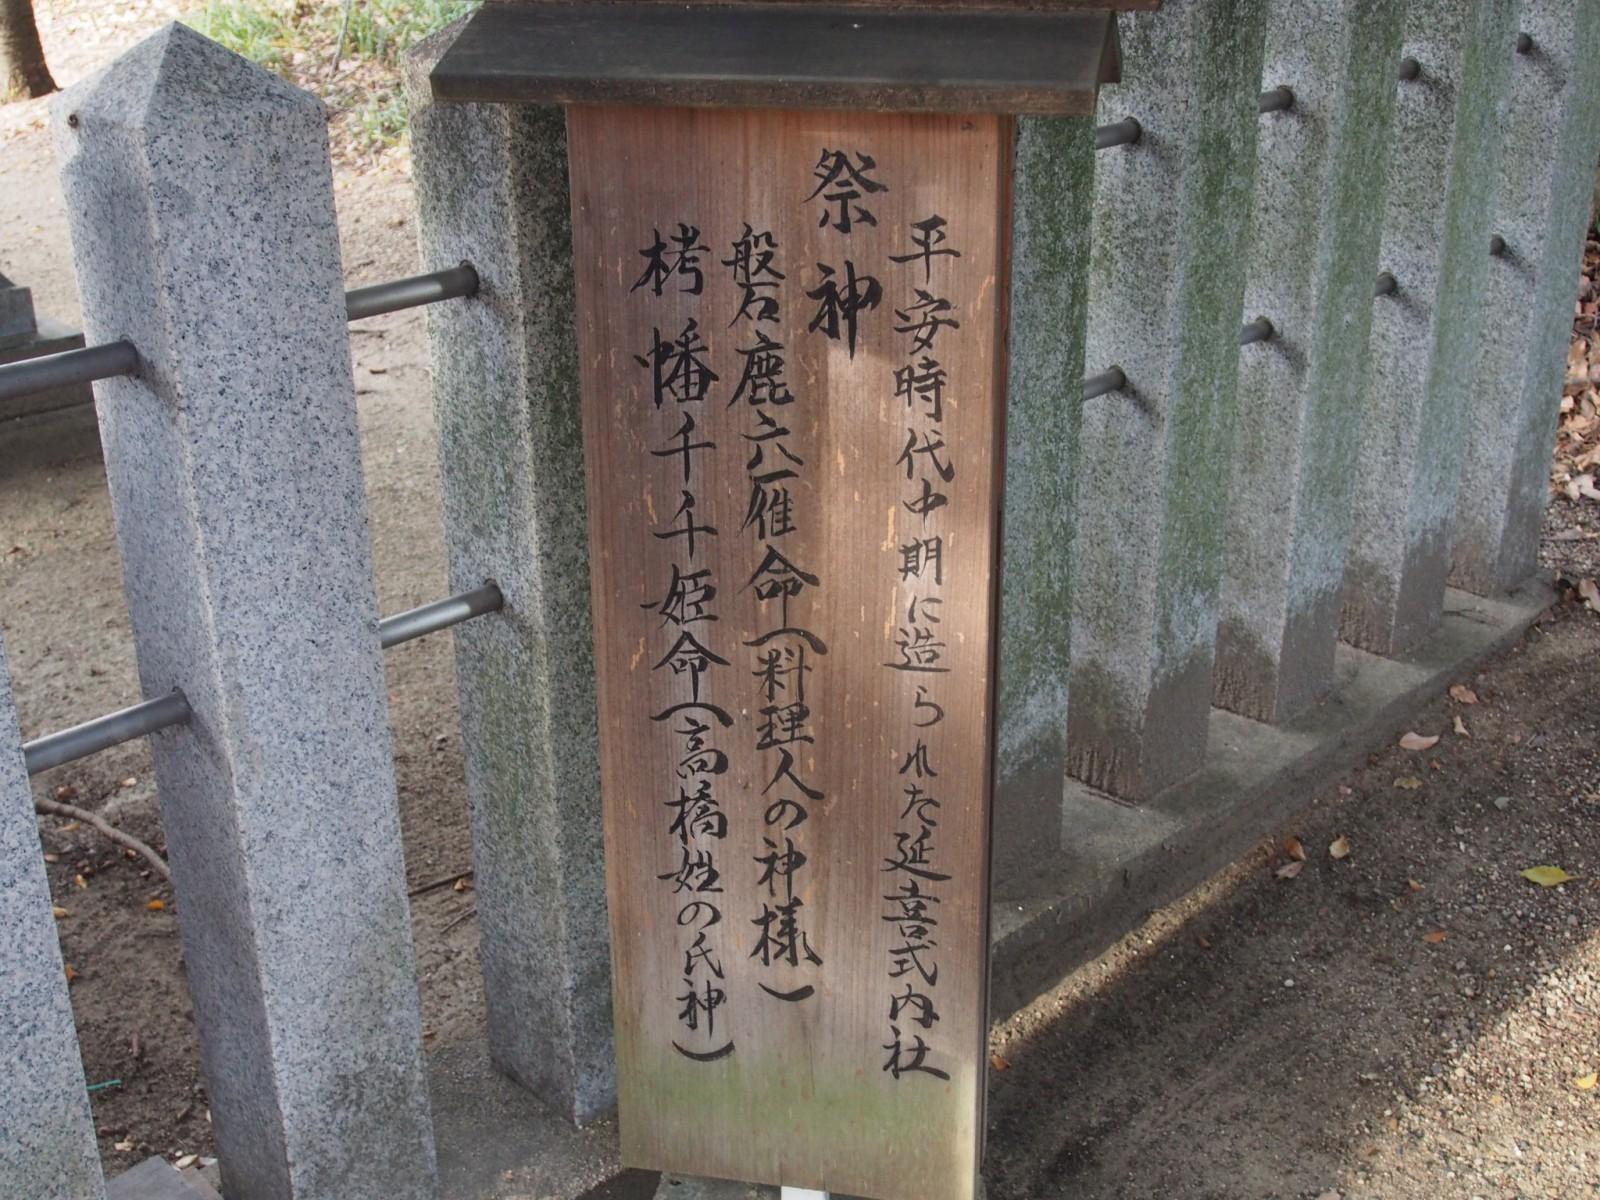 「料理人の神様」・「高橋姓の氏神」と記された立て札(高橋神社)